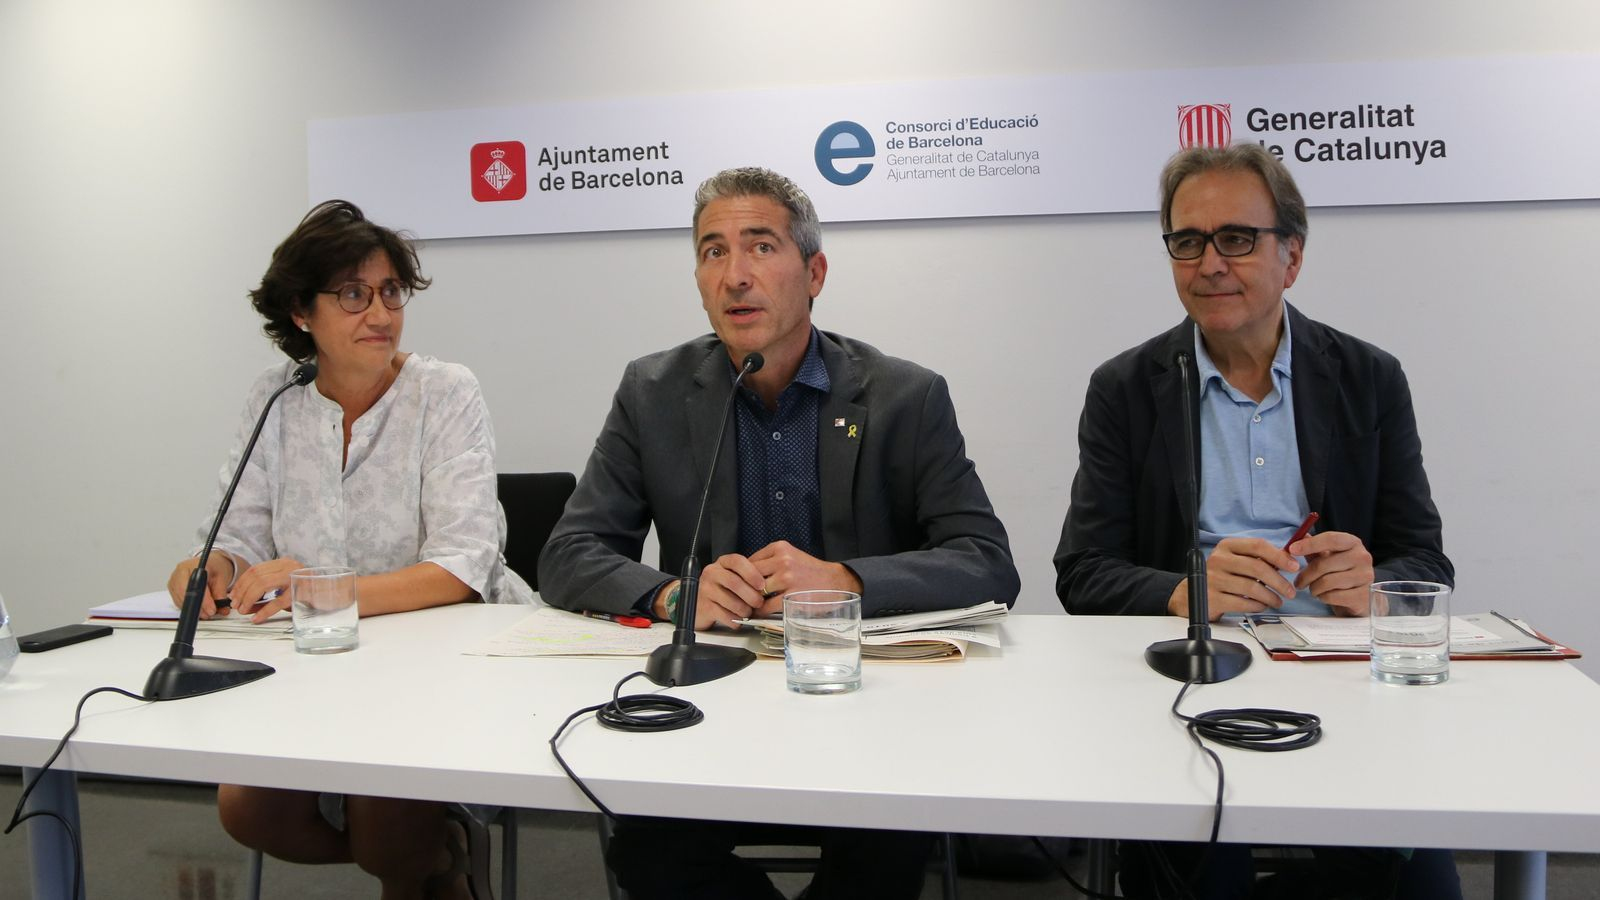 El president del Consorci d'Educació de Barcelona i director general de centres públics de la Generalitat, Josep Gonzàlez-Cambray, al centre de la imatge